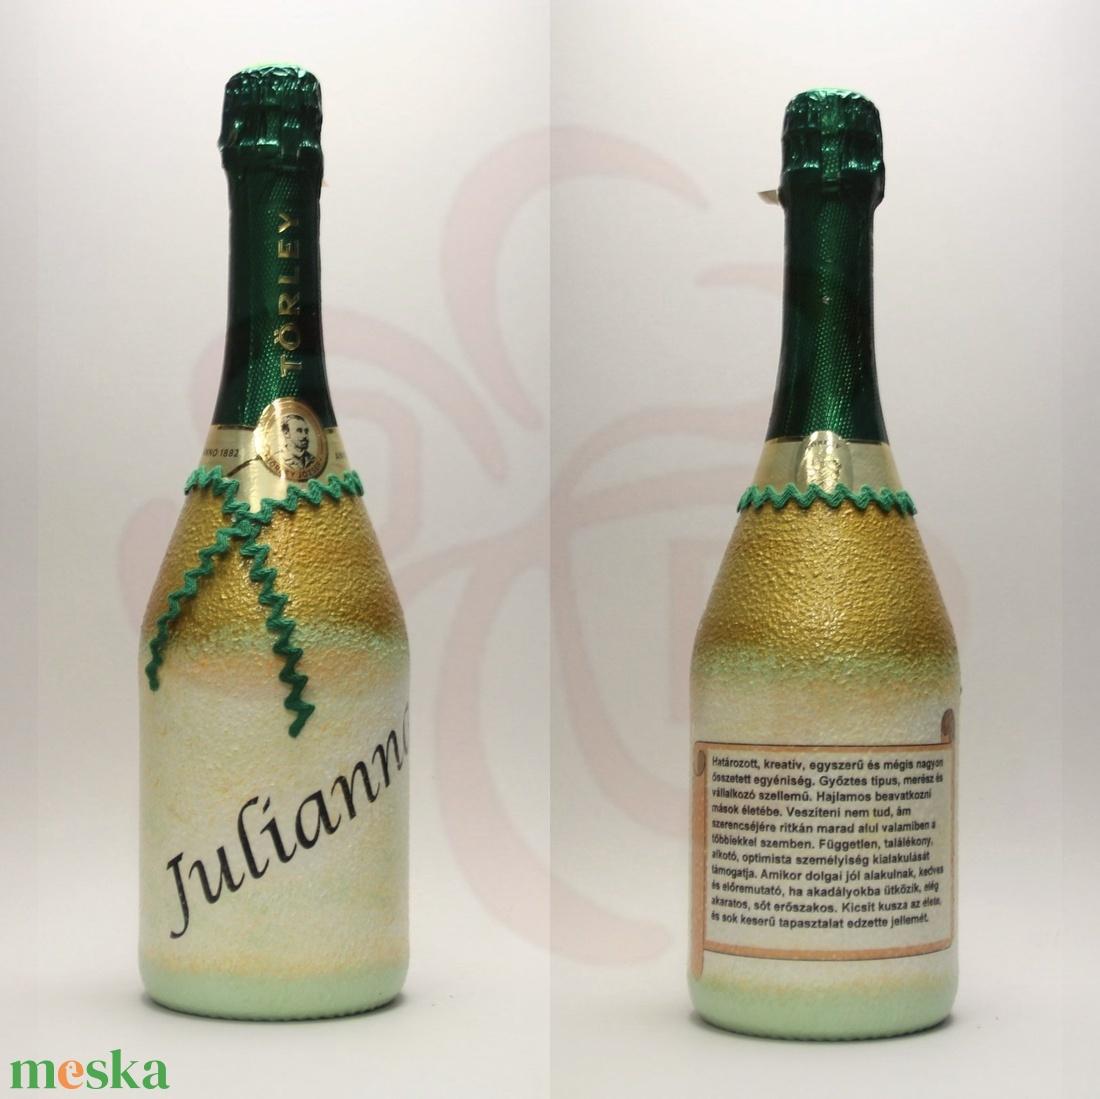 Neves-névnapos JULIANNA nevű nőknek, neves ajándék pezsgő - Meska.hu